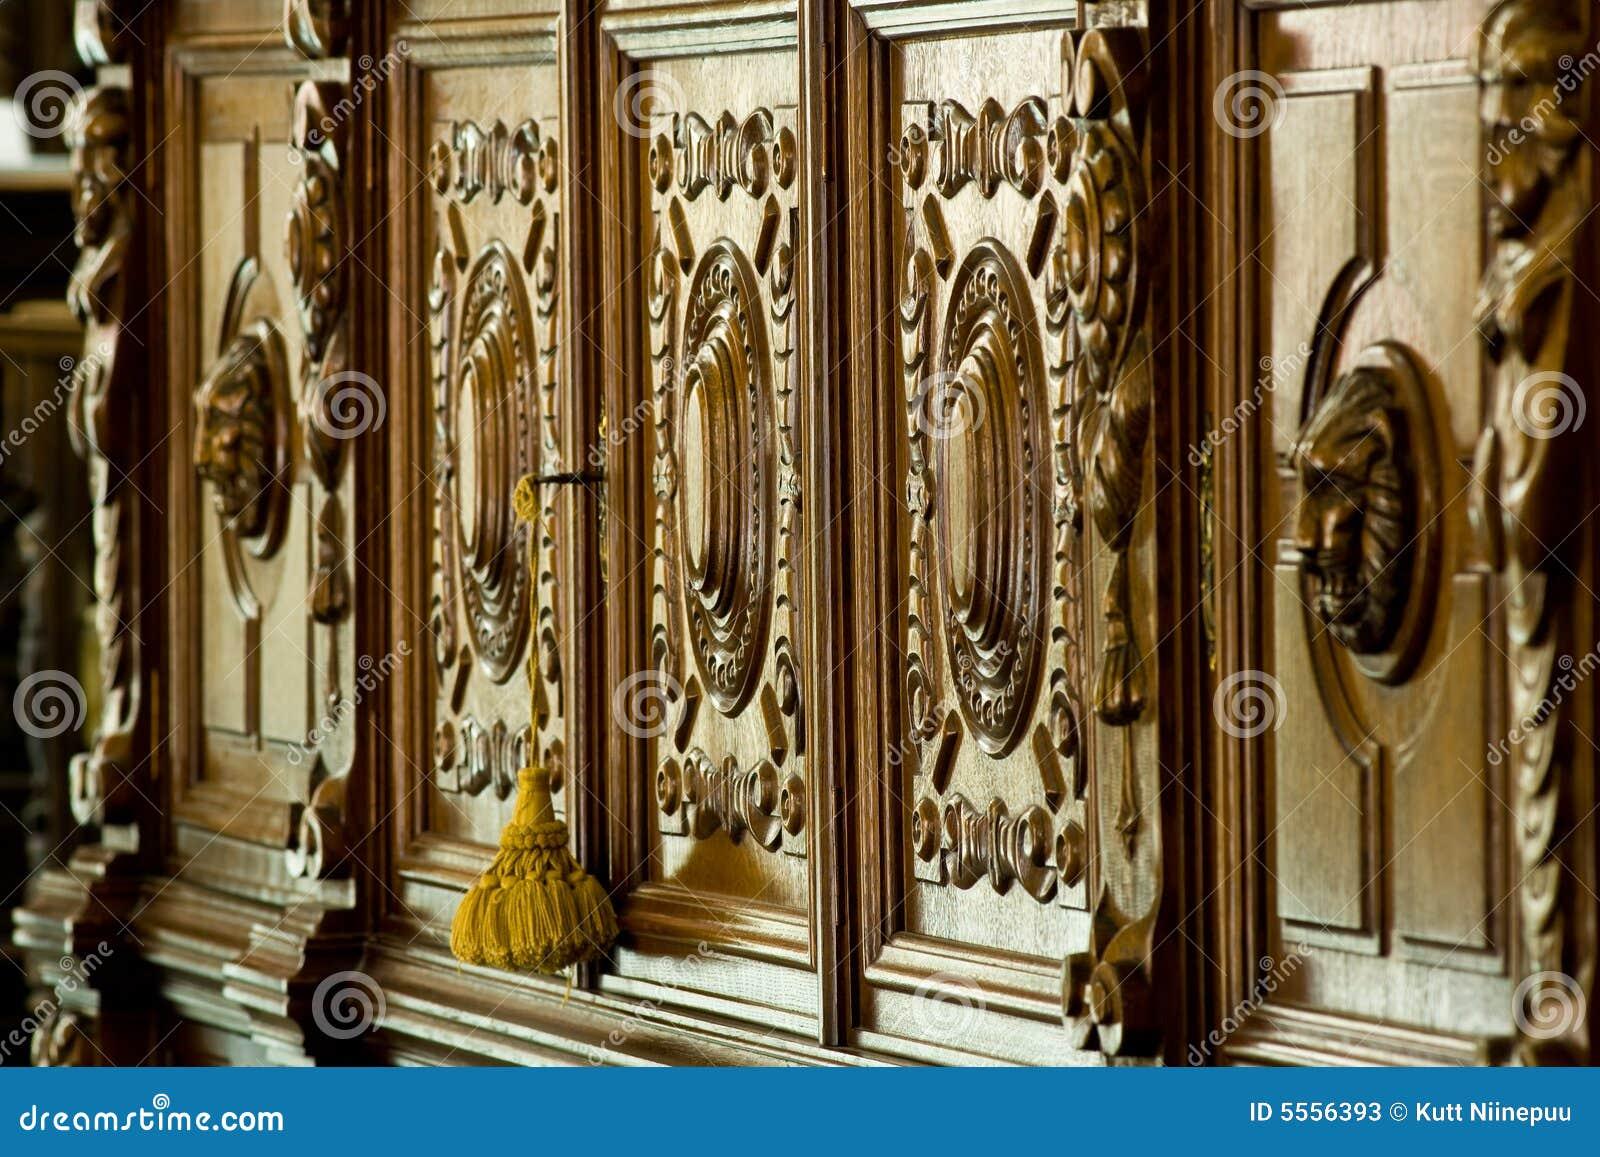 antike m bel stockfotos bild 5556393. Black Bedroom Furniture Sets. Home Design Ideas